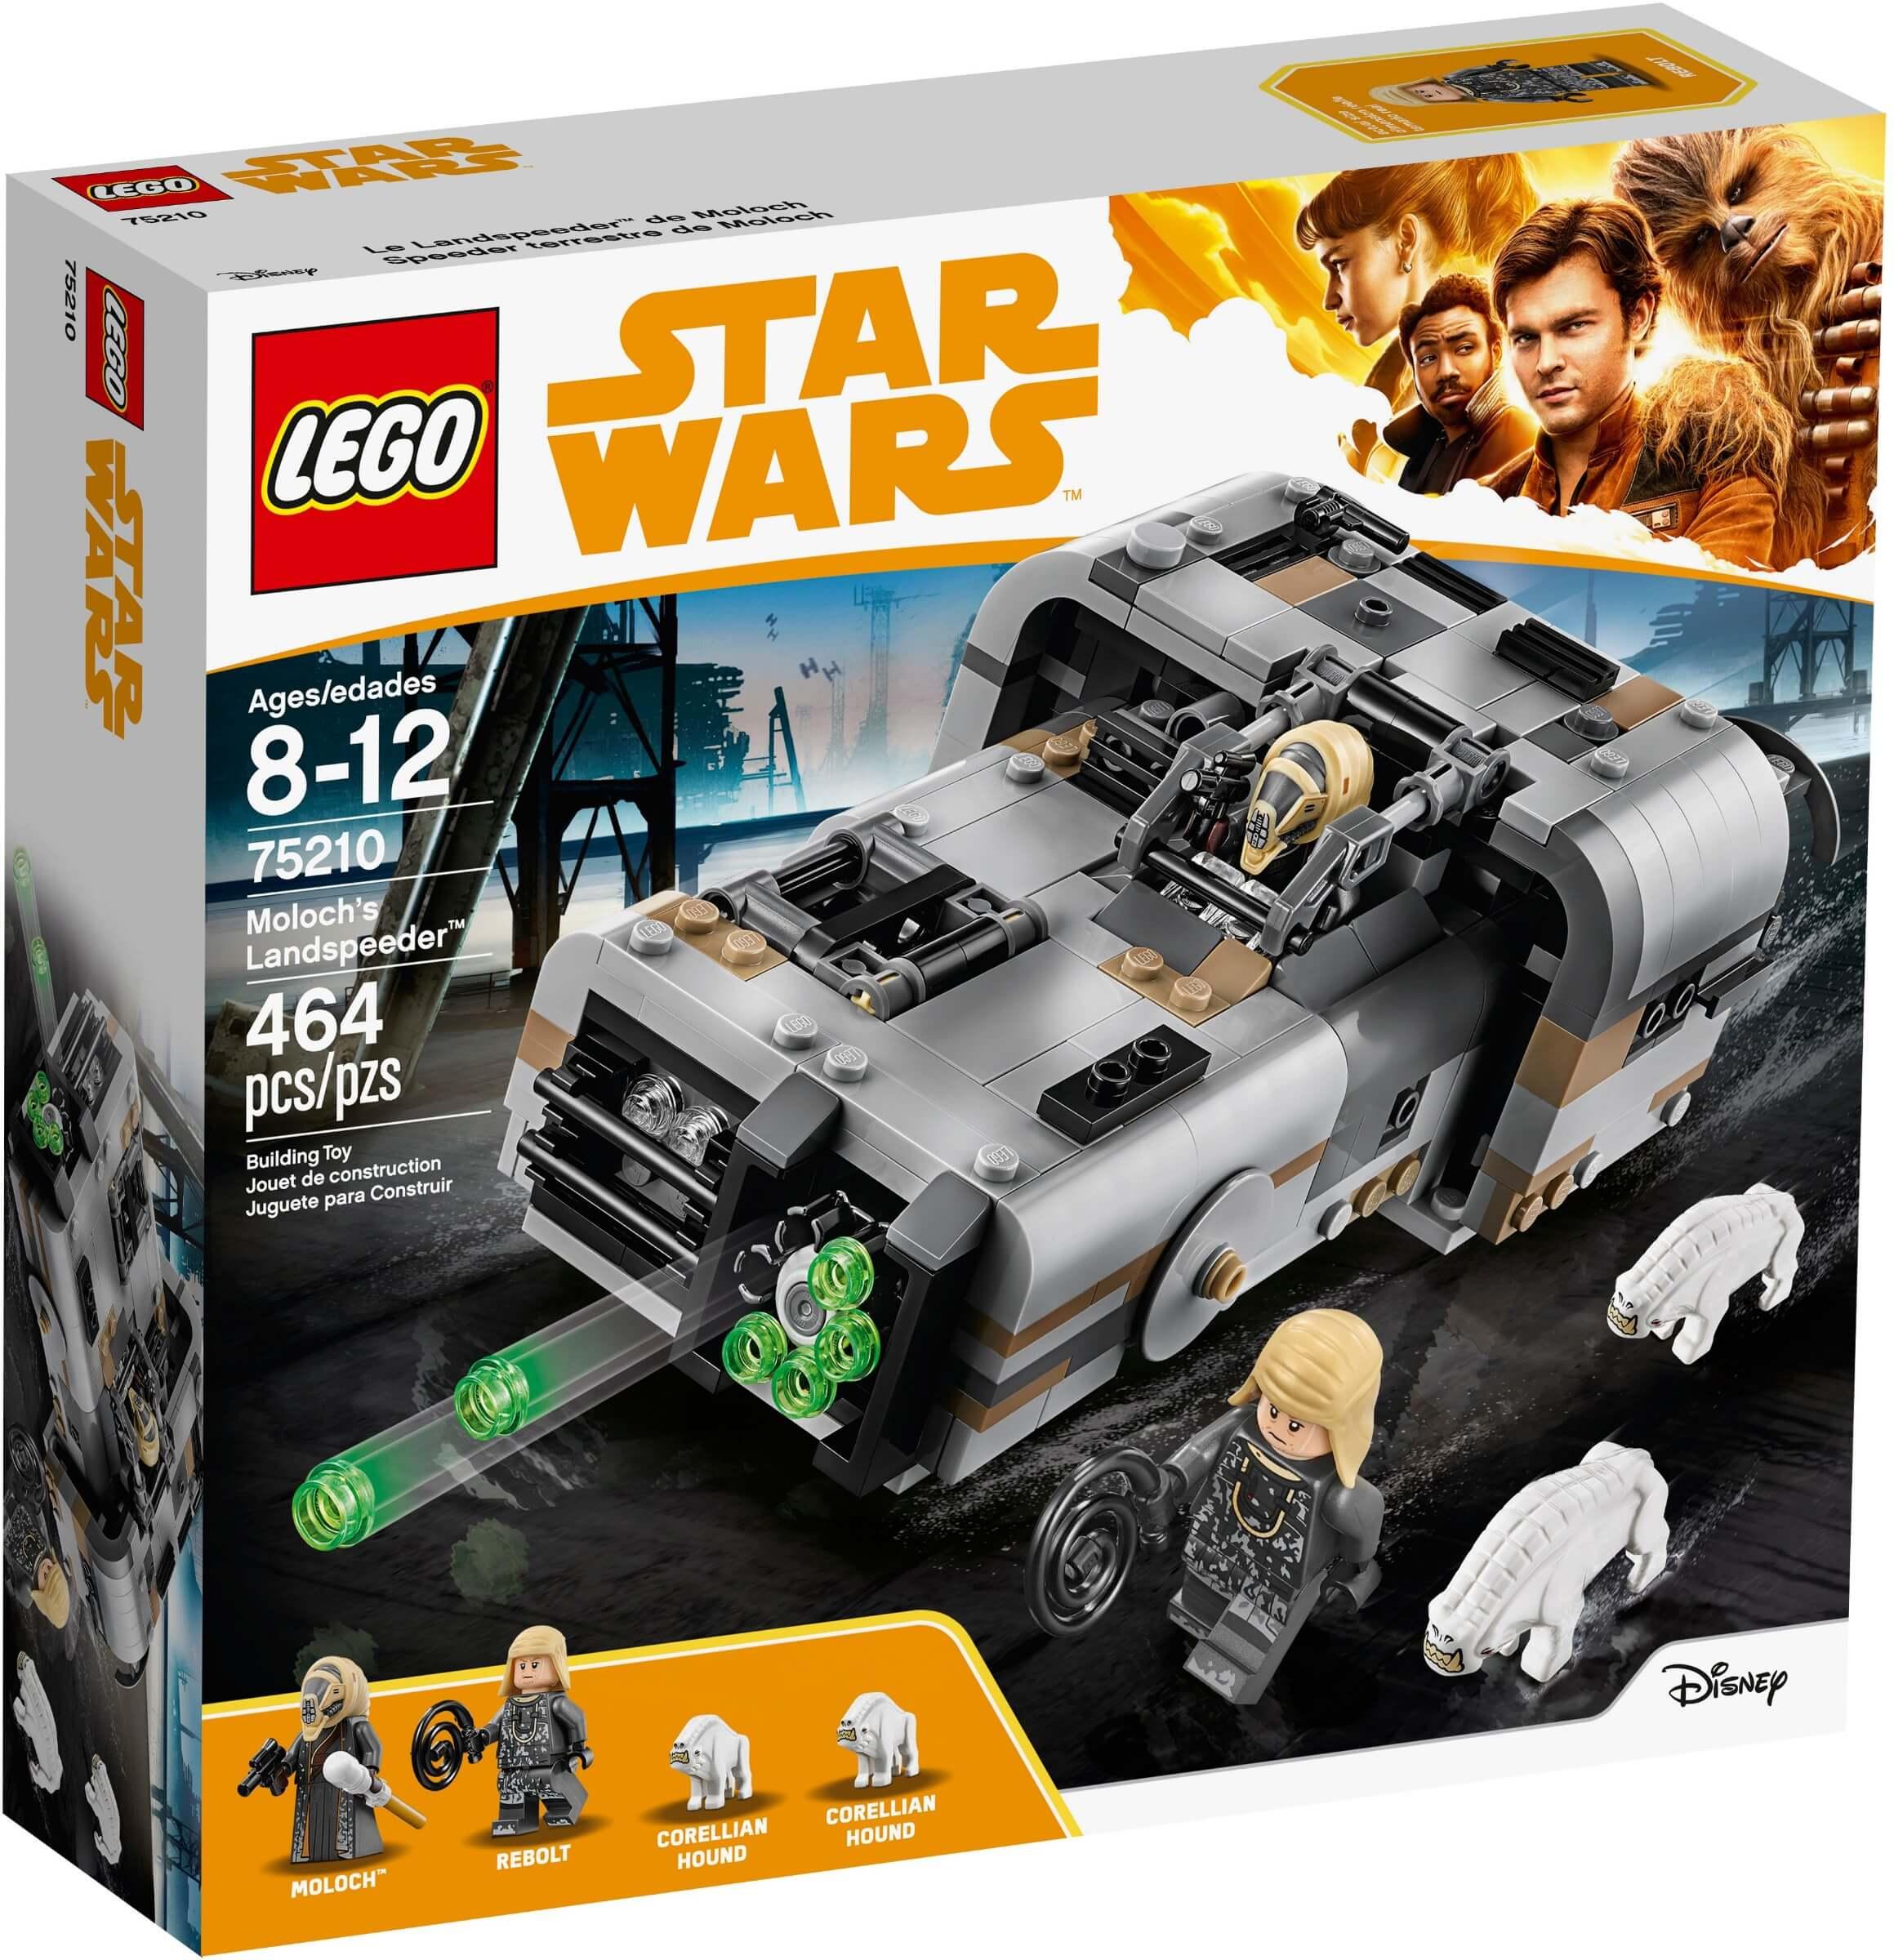 Mua đồ chơi LEGO 75210 - LEGO Star Wars 75210 - Siêu Xe Thiết Giáp của Moloch (LEGO 75210 Moloch's Landspeeder)